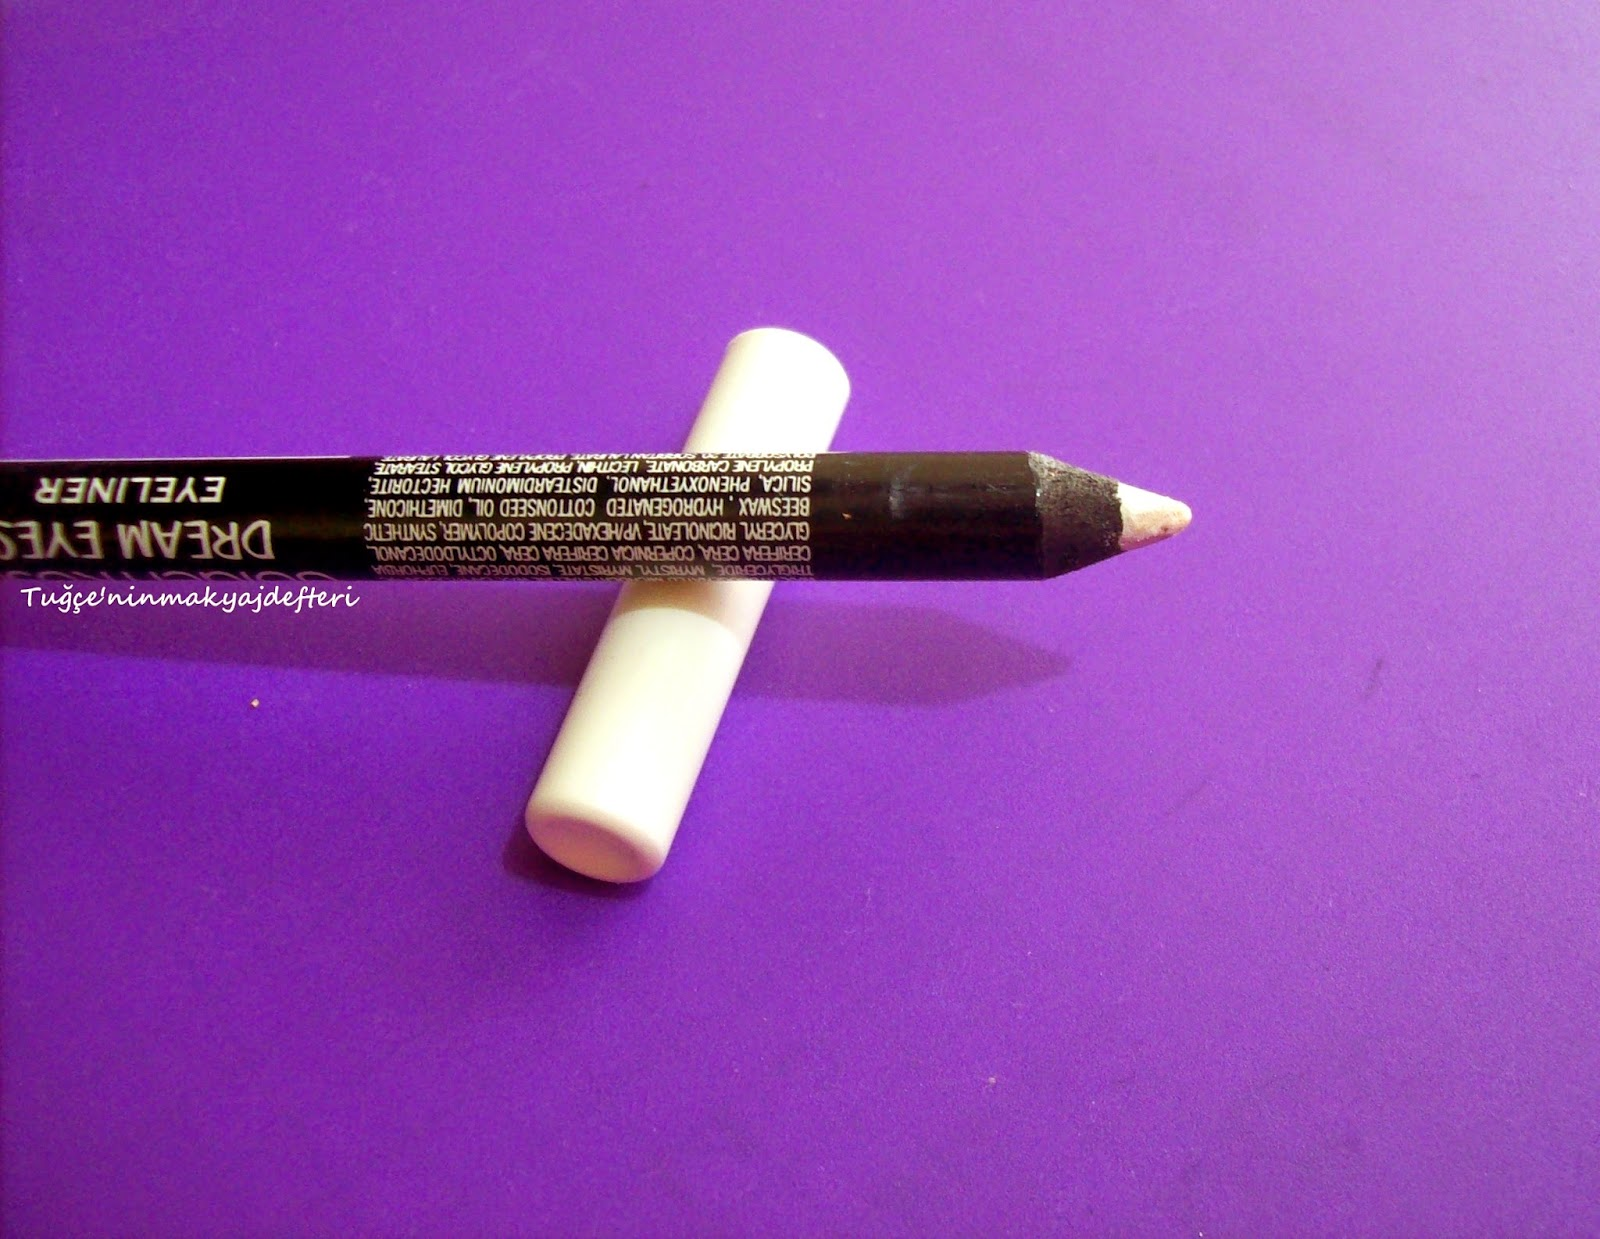 beyaz göz kaleminin farklı kullanım yöntemleri